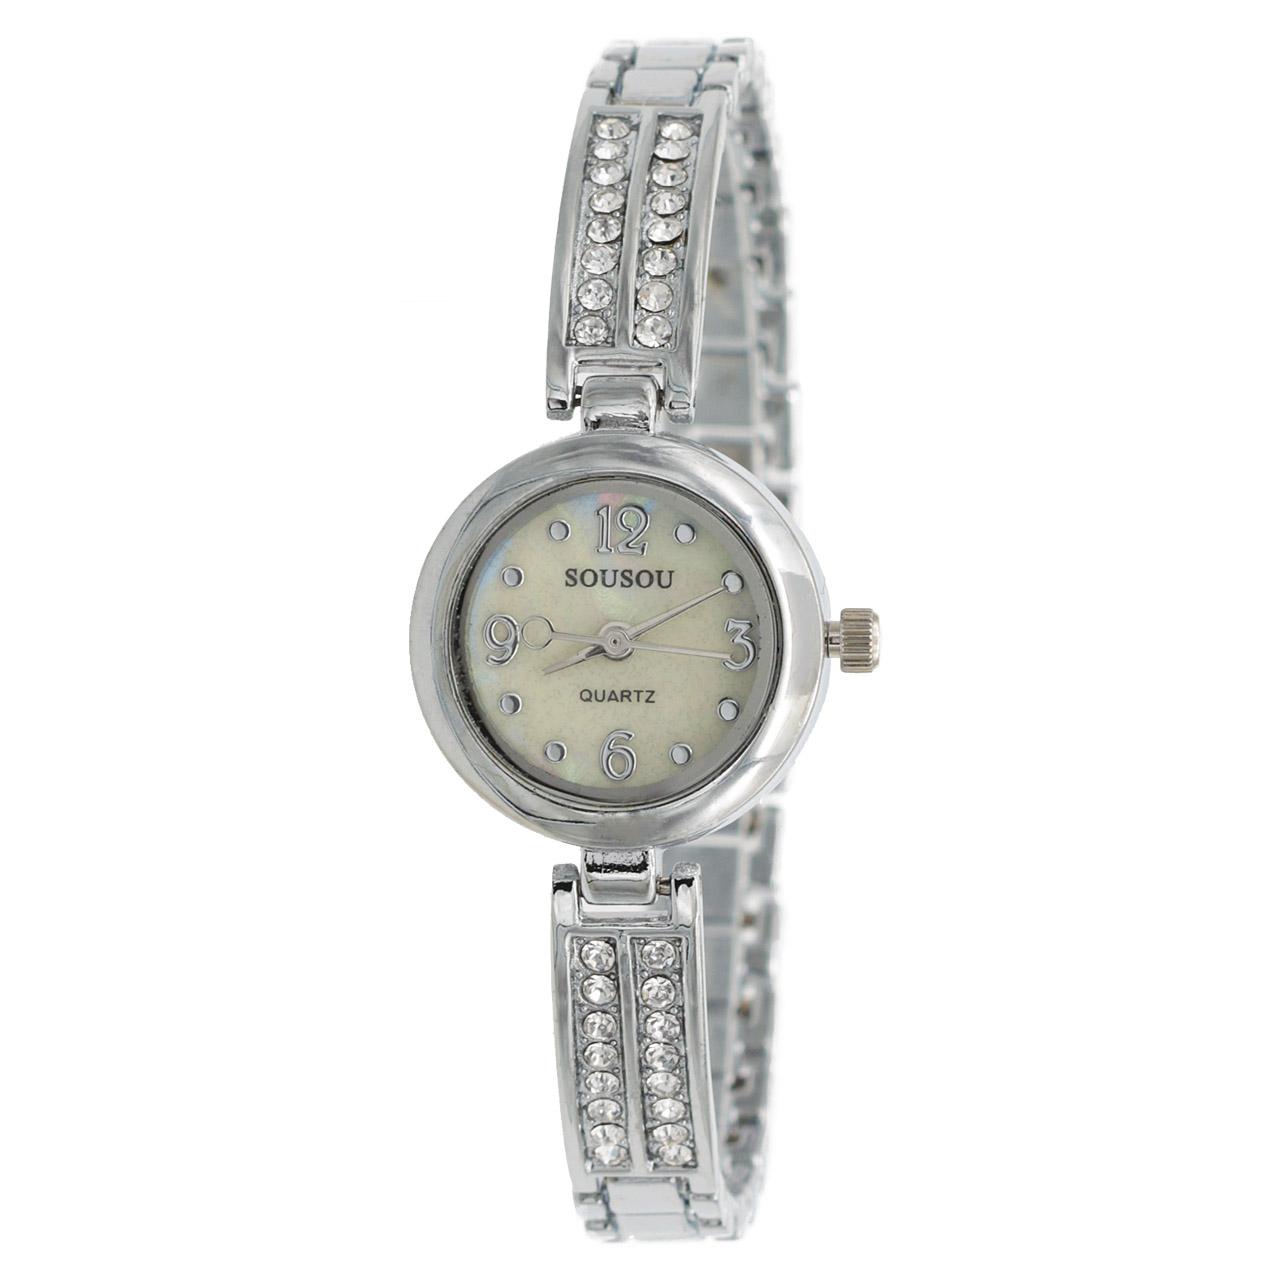 خرید ساعت مچی عقربه ای زنانه سوسو مدل SS1972